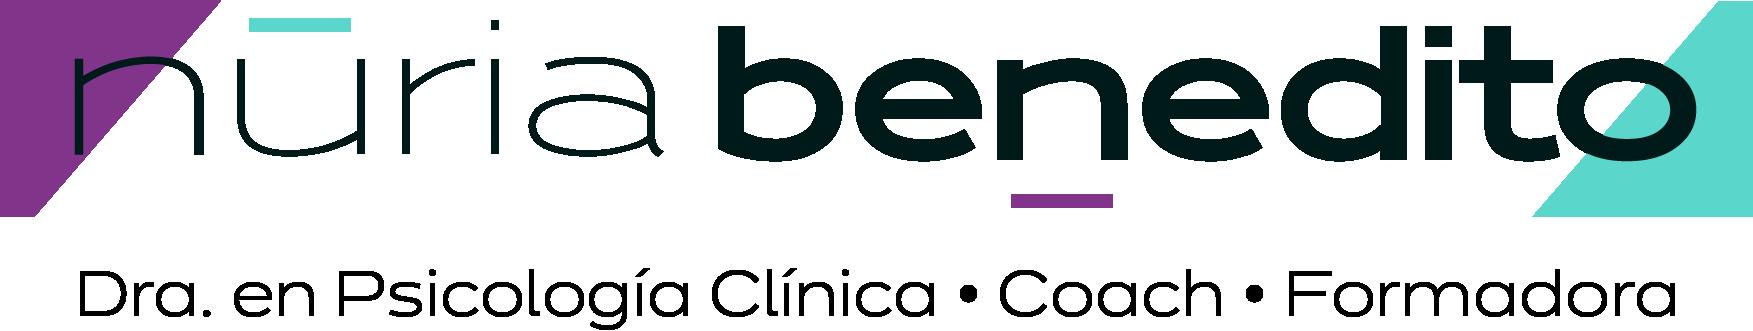 Logo con letras